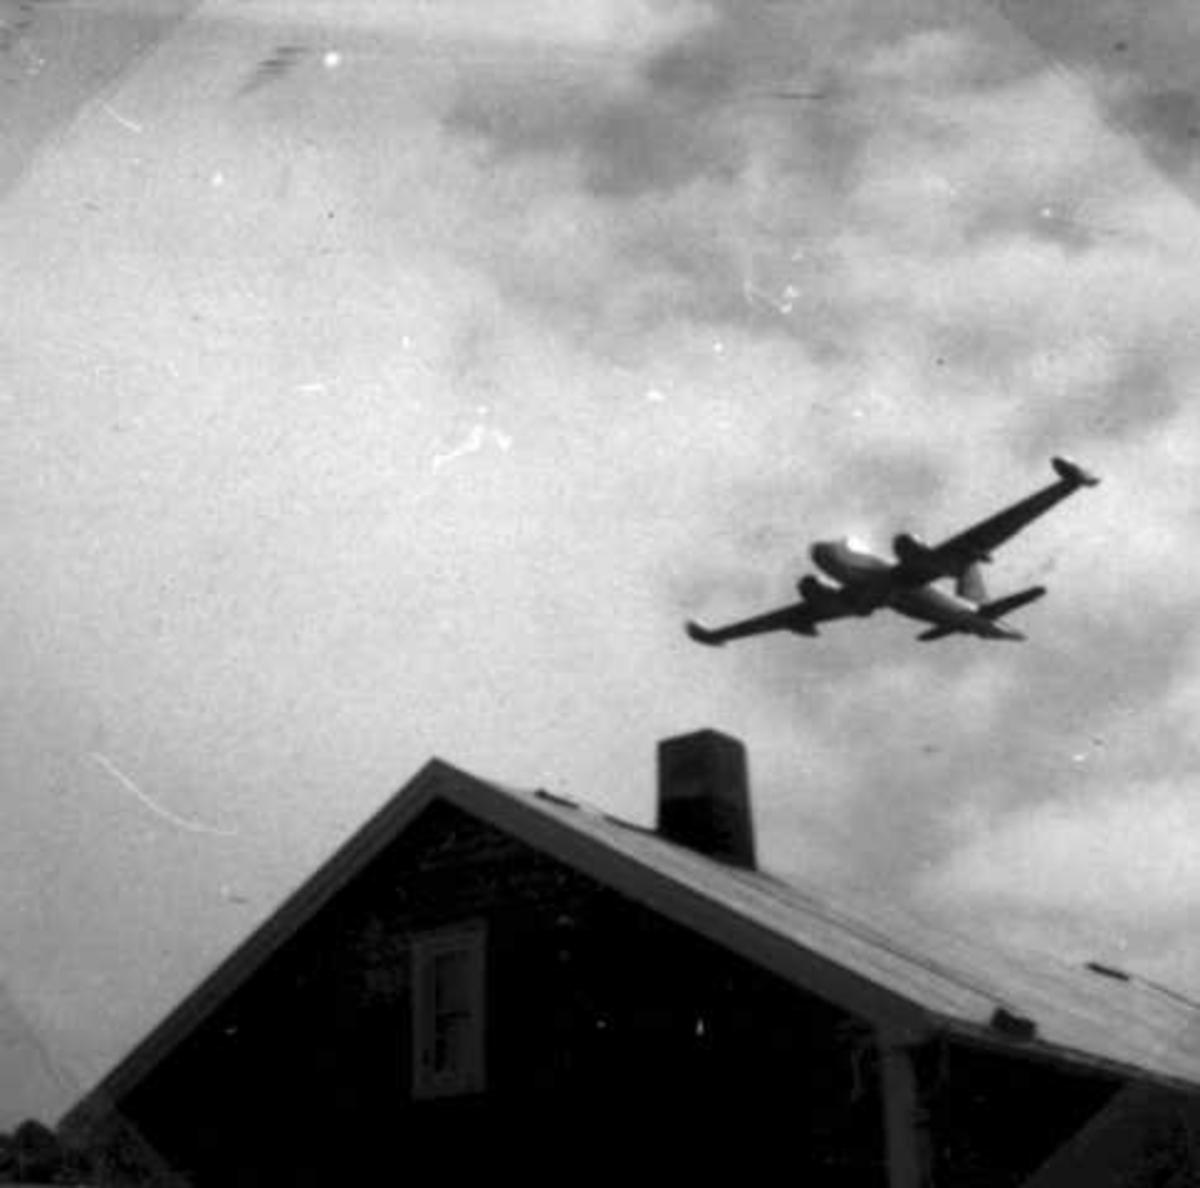 Ett fly i lufta, Lockheed P2V7 Neptune fra US NAVY, like over et hustak.